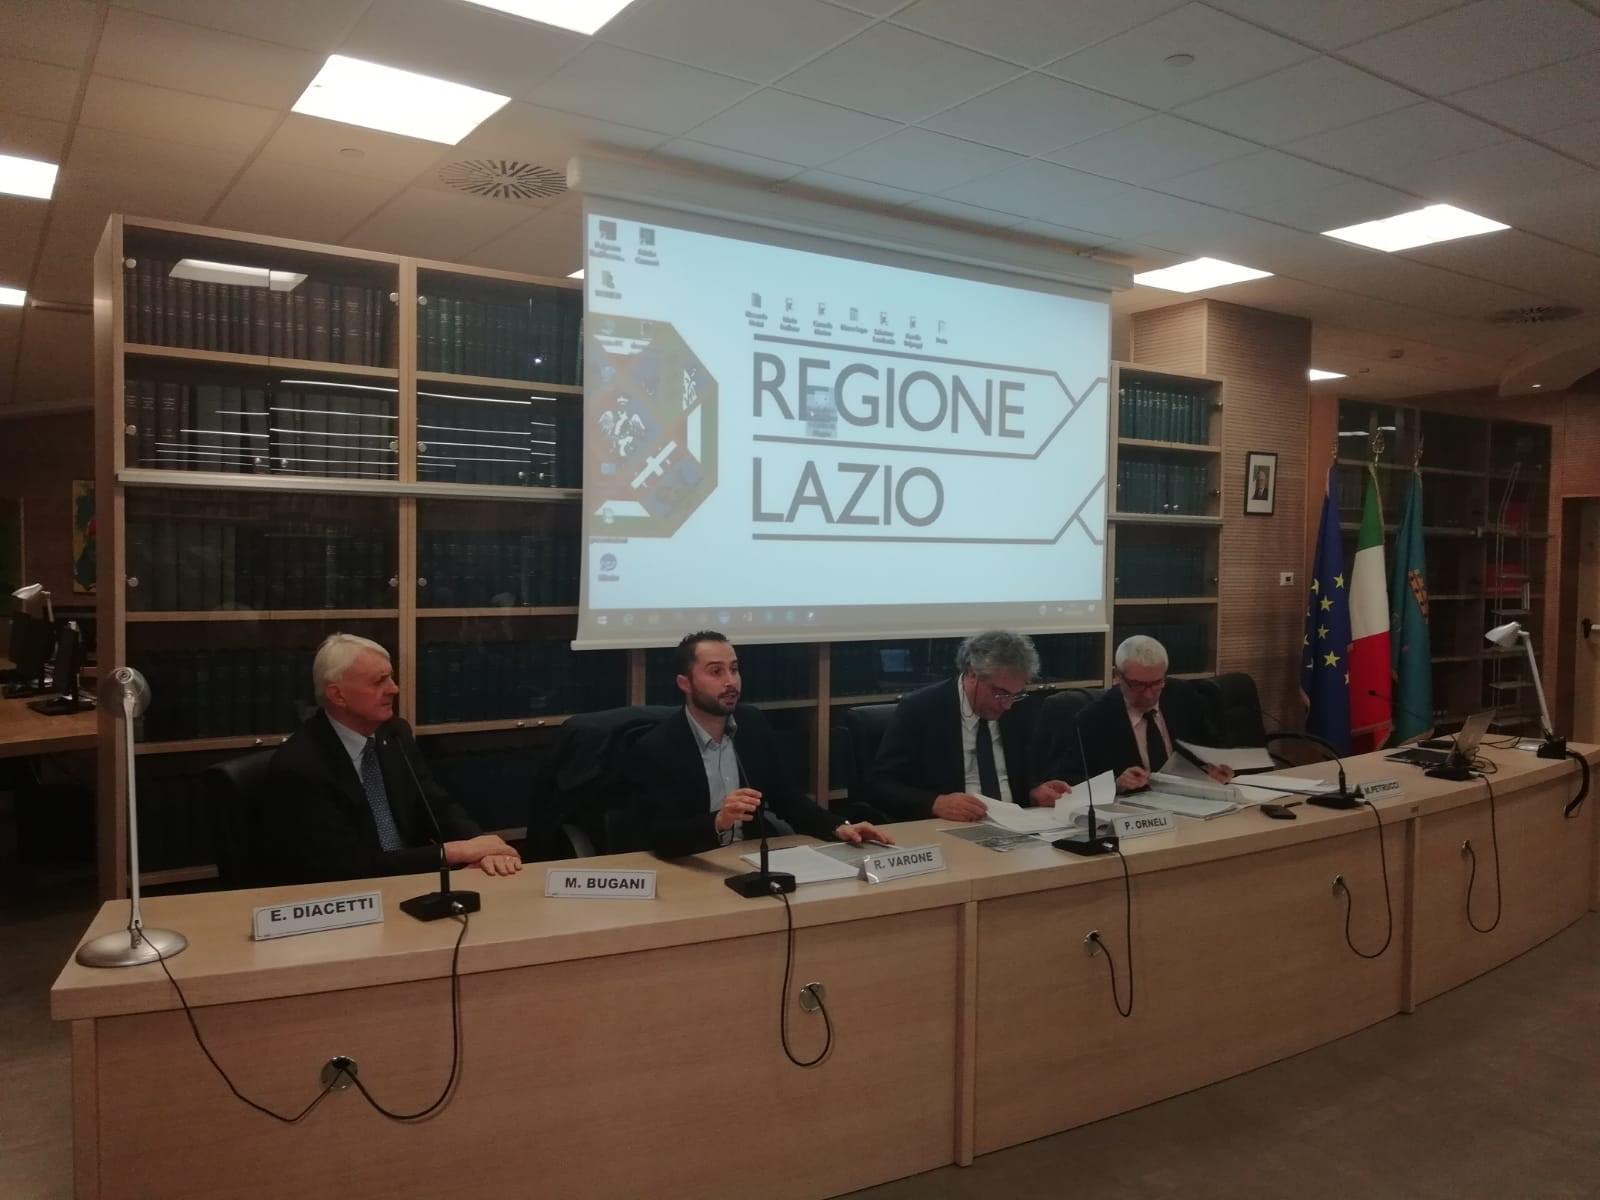 Tecnologia 5G, incontro con gli amministratori voluto da Anci Lazio in Regione